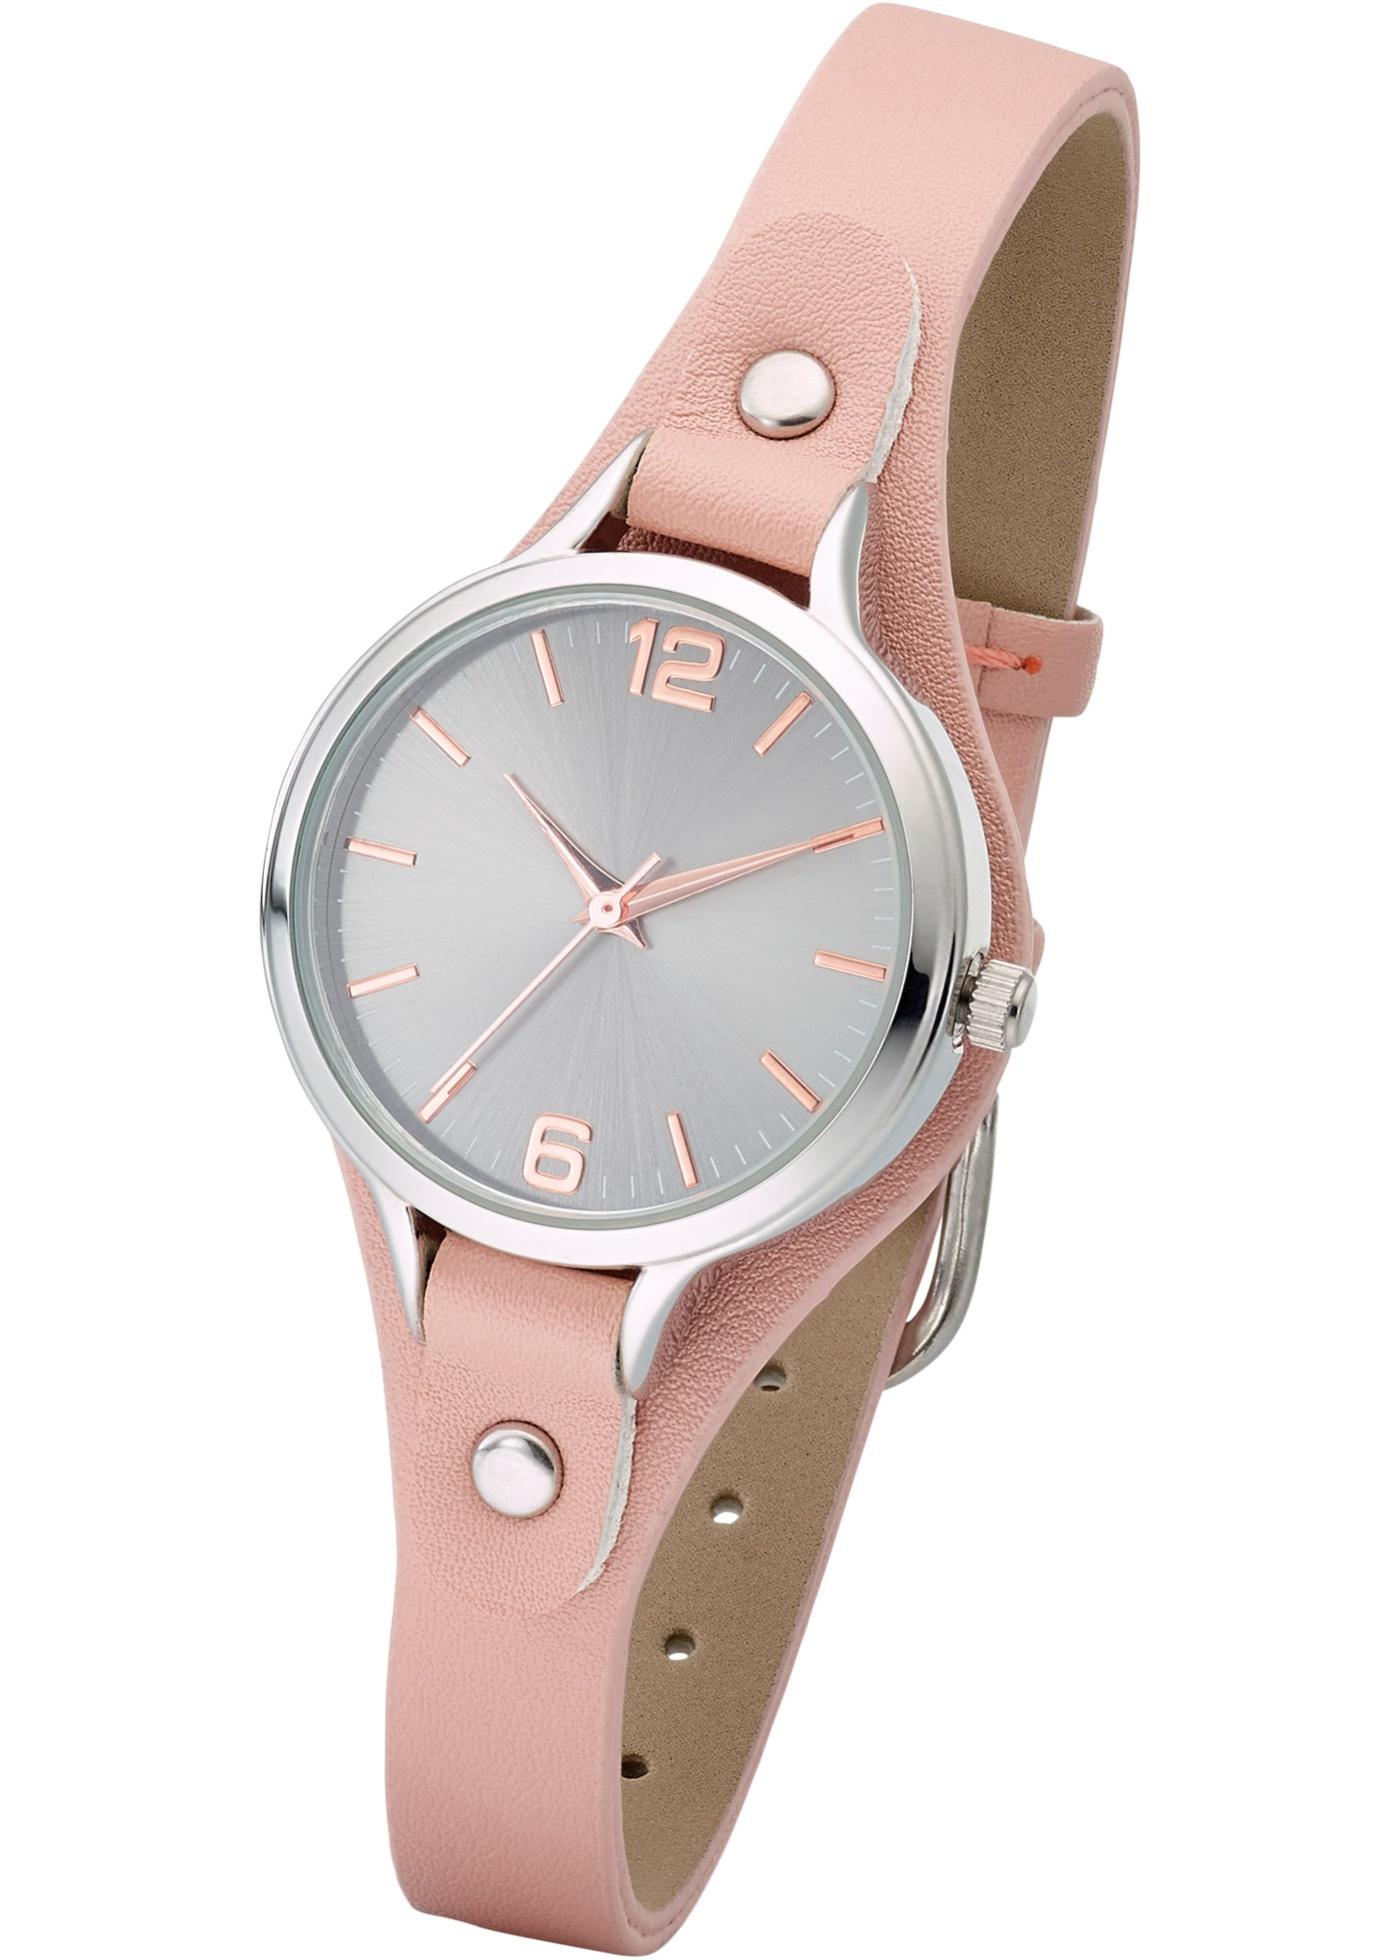 Orologio  rosa  - bpc bon